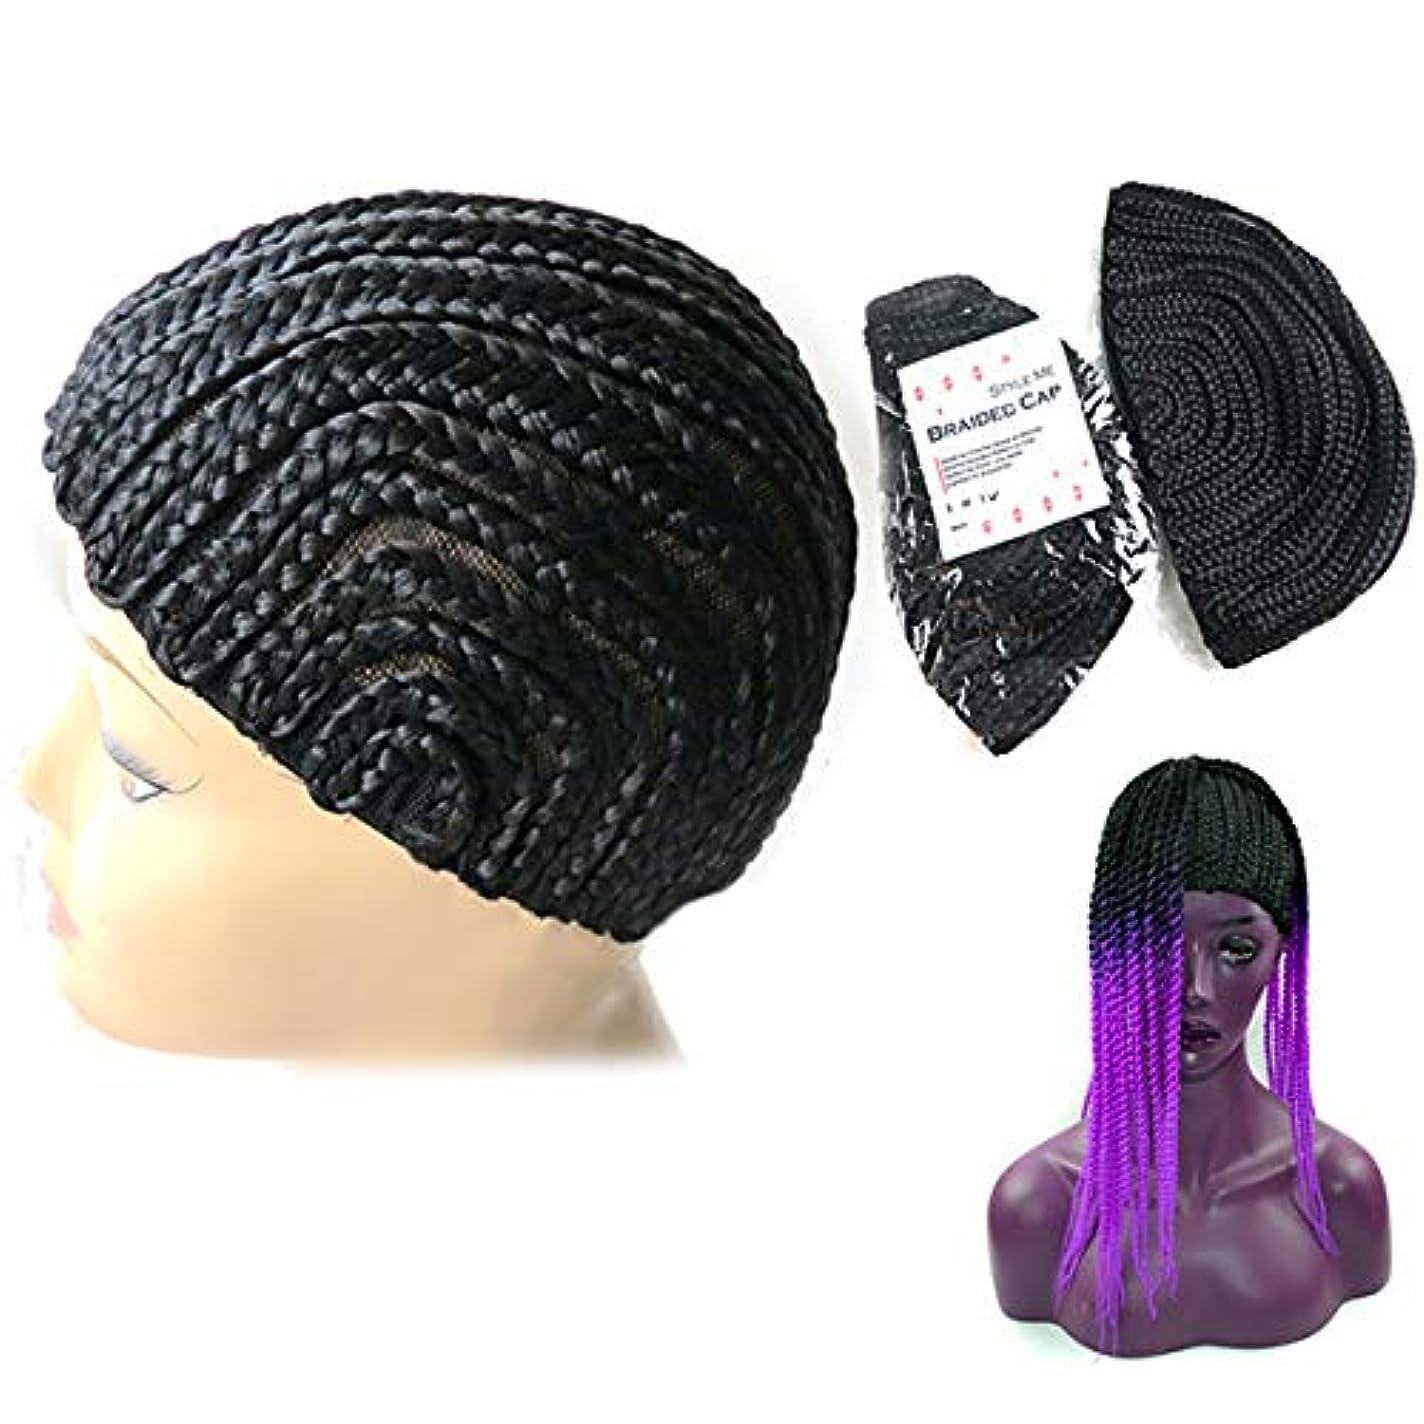 想像するメディカル指定YZUEYT 弾性コーンローウィッグキャップ調節可能なかぎ針編み織りキャップレースヘアネットヘアスタイリングツール YZUEYT (Size : One size)